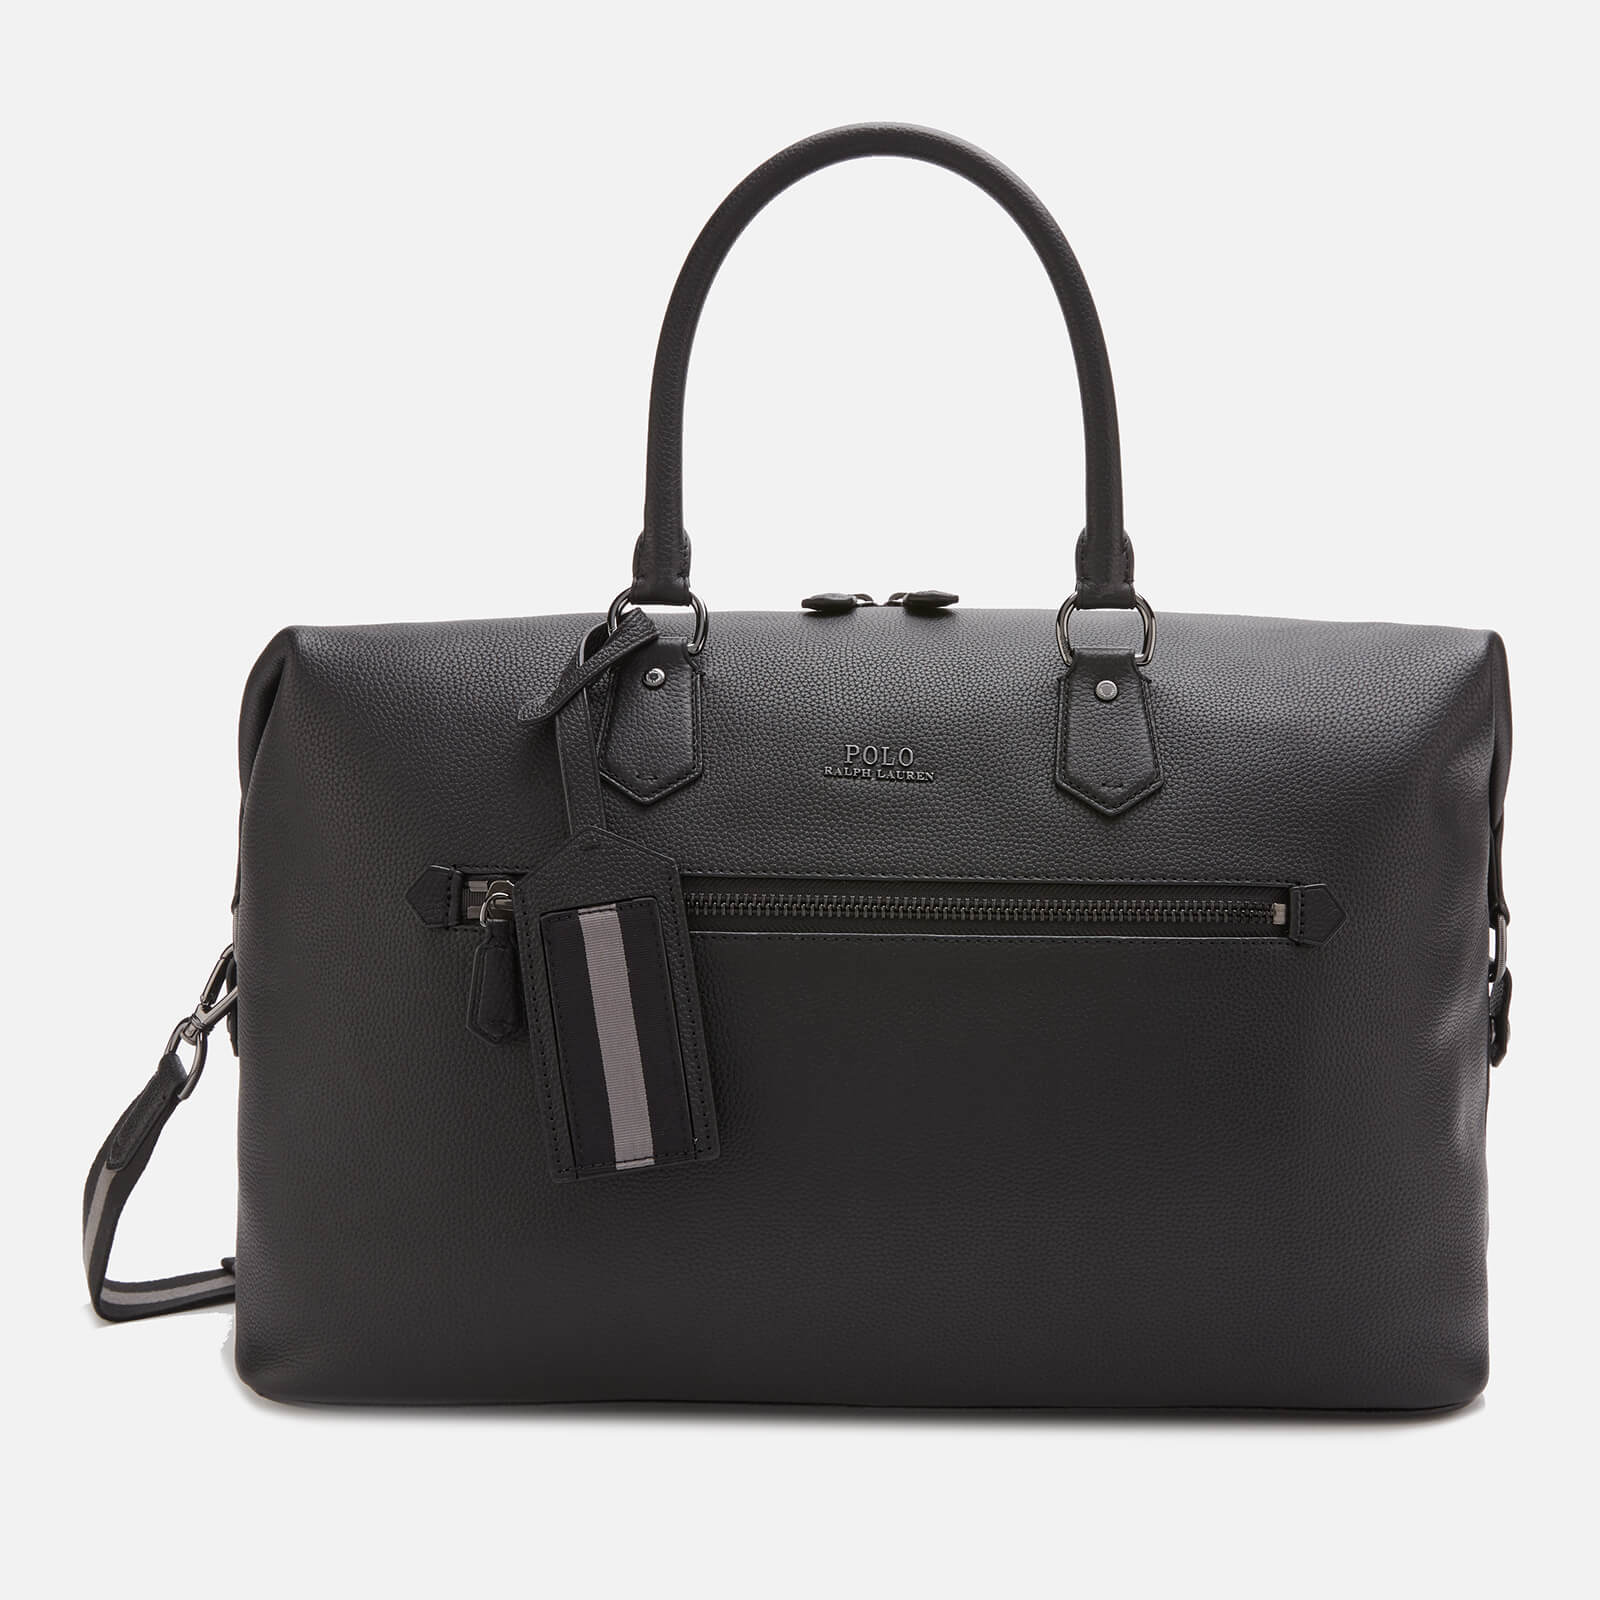 677f5c42d9d Polo Ralph Lauren Men's Web Strap Pebble Duffle Bag - Black - Free UK Delivery  over £50